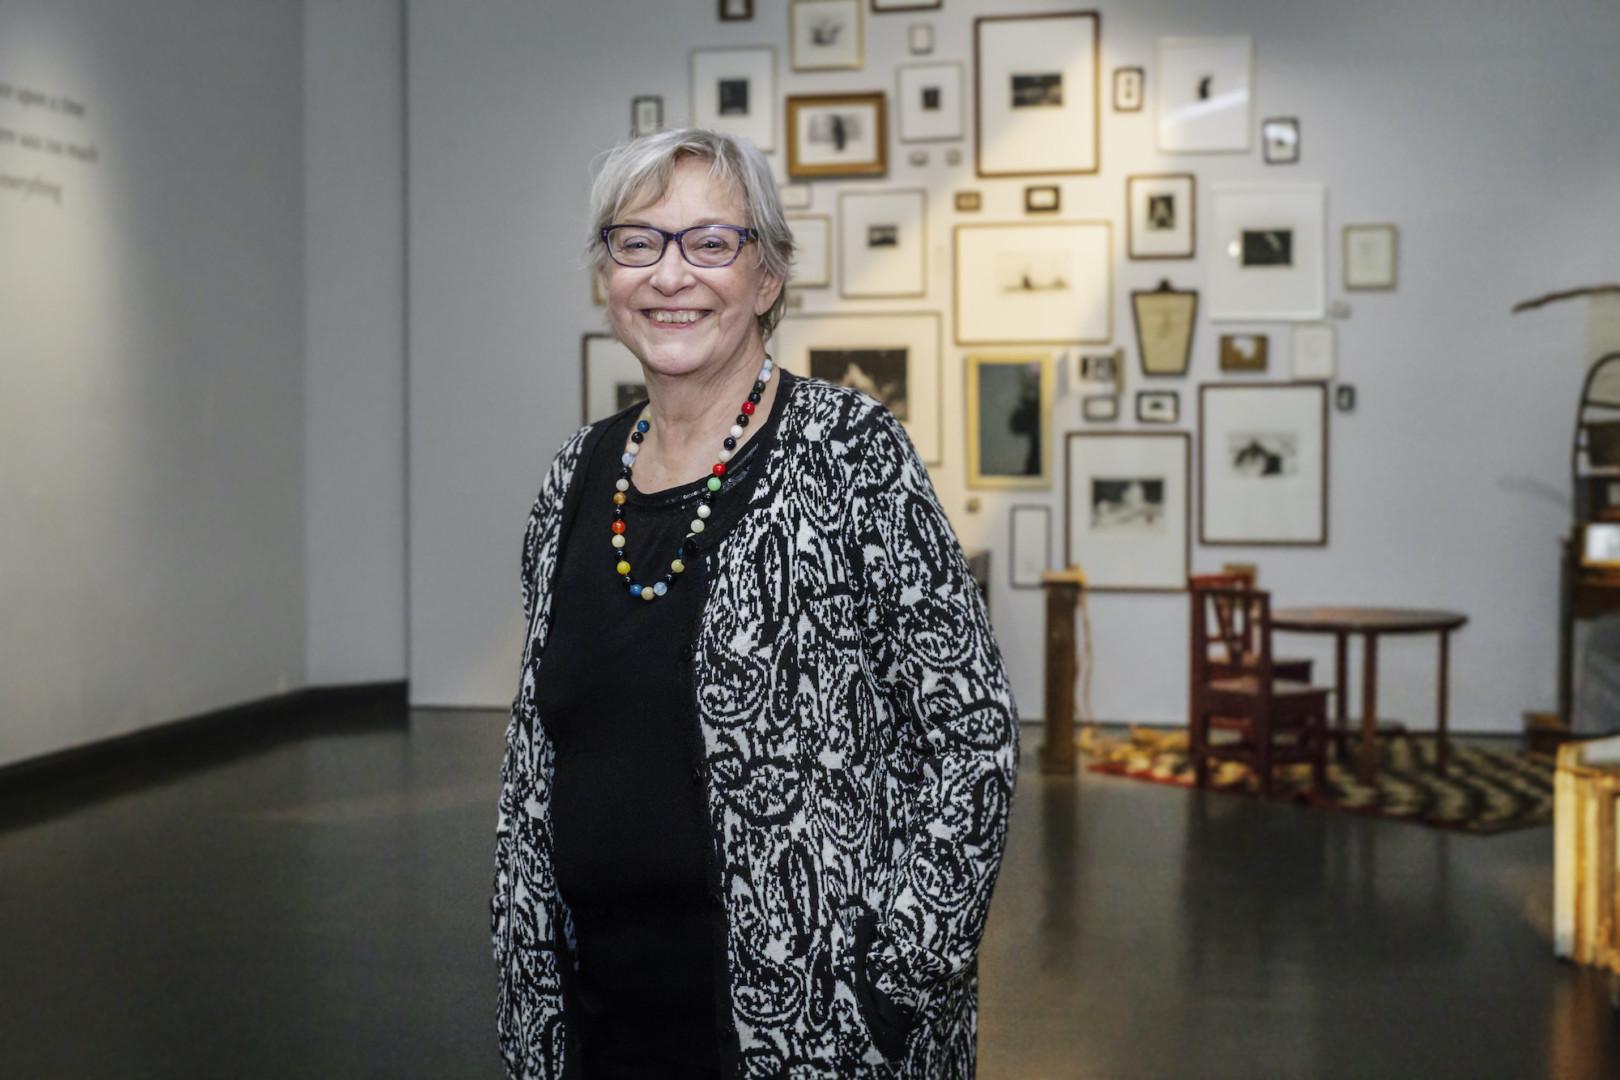 Henkilö katsoo kameraan ja hymyilee, taustalla suuri määrä grafiikan teoksia seinällä näyttelytilassa.